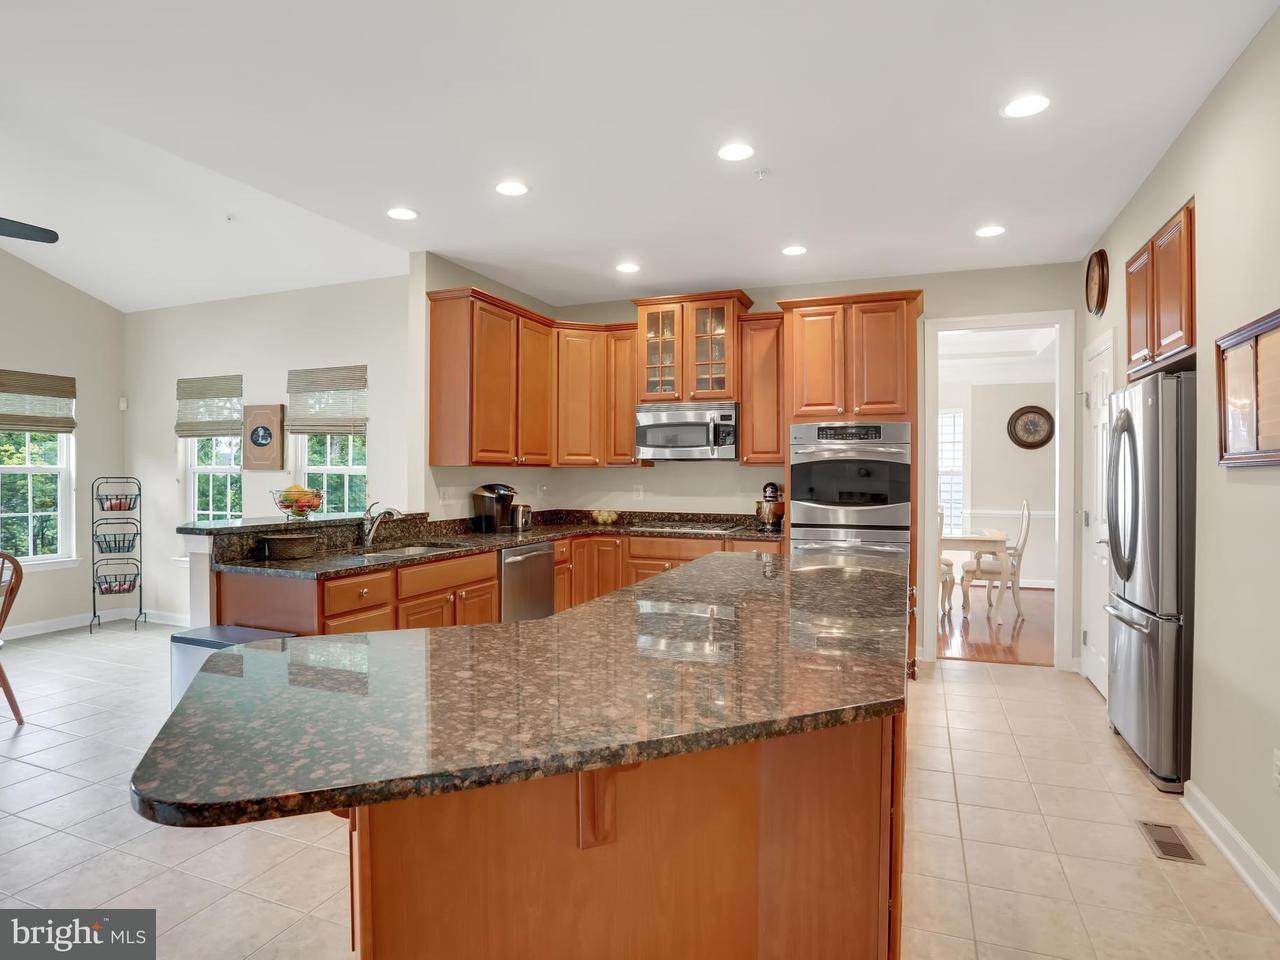 Einfamilienhaus für Verkauf beim 1202 MOORE SPRING Court 1202 MOORE SPRING Court Brunswick, Maryland 21716 Vereinigte Staaten